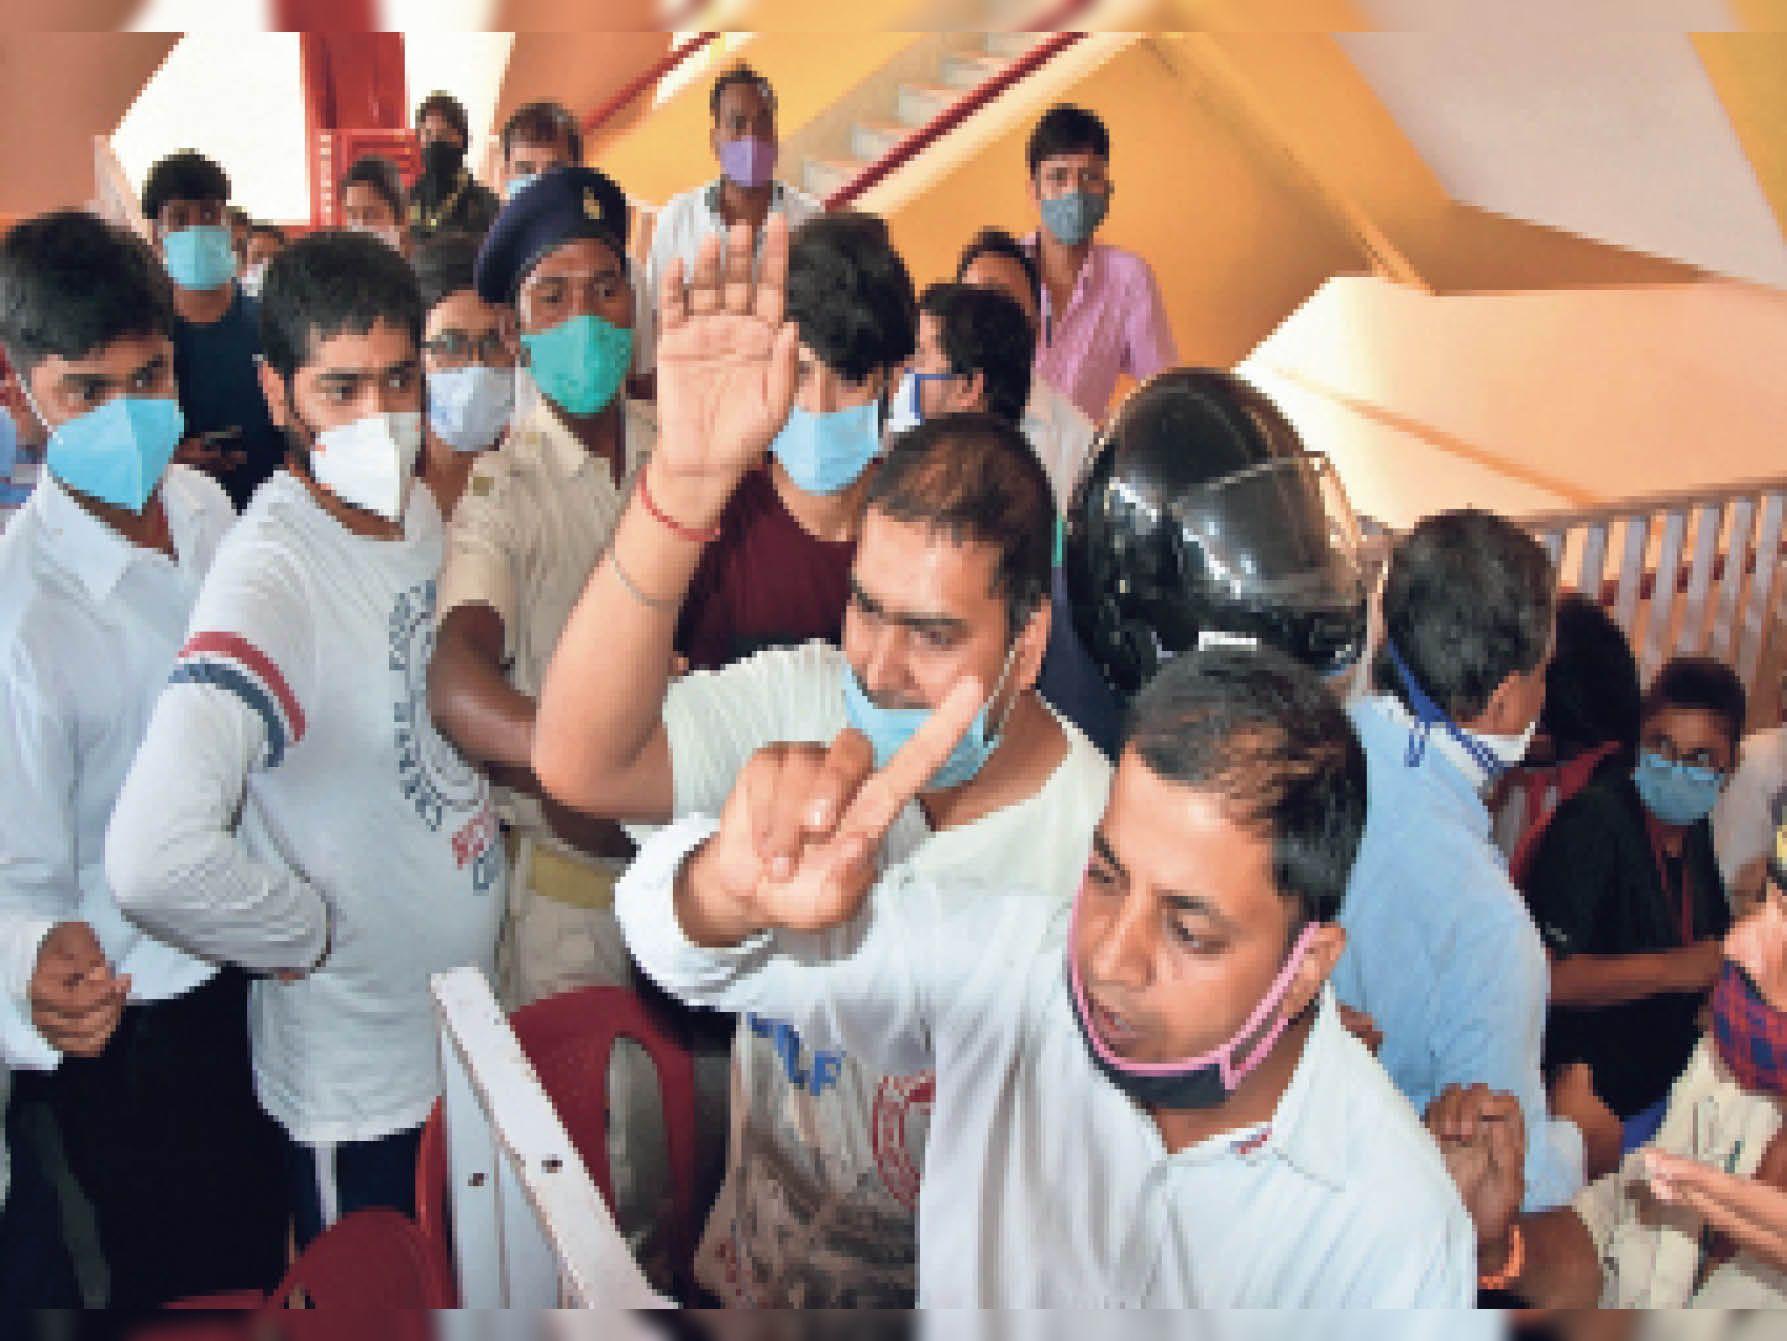 कौन हैं ये लोग- पहले टीका लेने के चक्कर में मारपीट की स्थिति बन गई थी... जब वहां जब भास्कर की टीम पहुंची, तो यहां मौजूद खुद को जिम्मेदार बताने वाले युवकों ने रोकने की कोशिश की। कैमरे का फ्लैश चमका, तब मजिस्ट्रेट व पुलिसकर्मी हरकत में आए। - Dainik Bhaskar